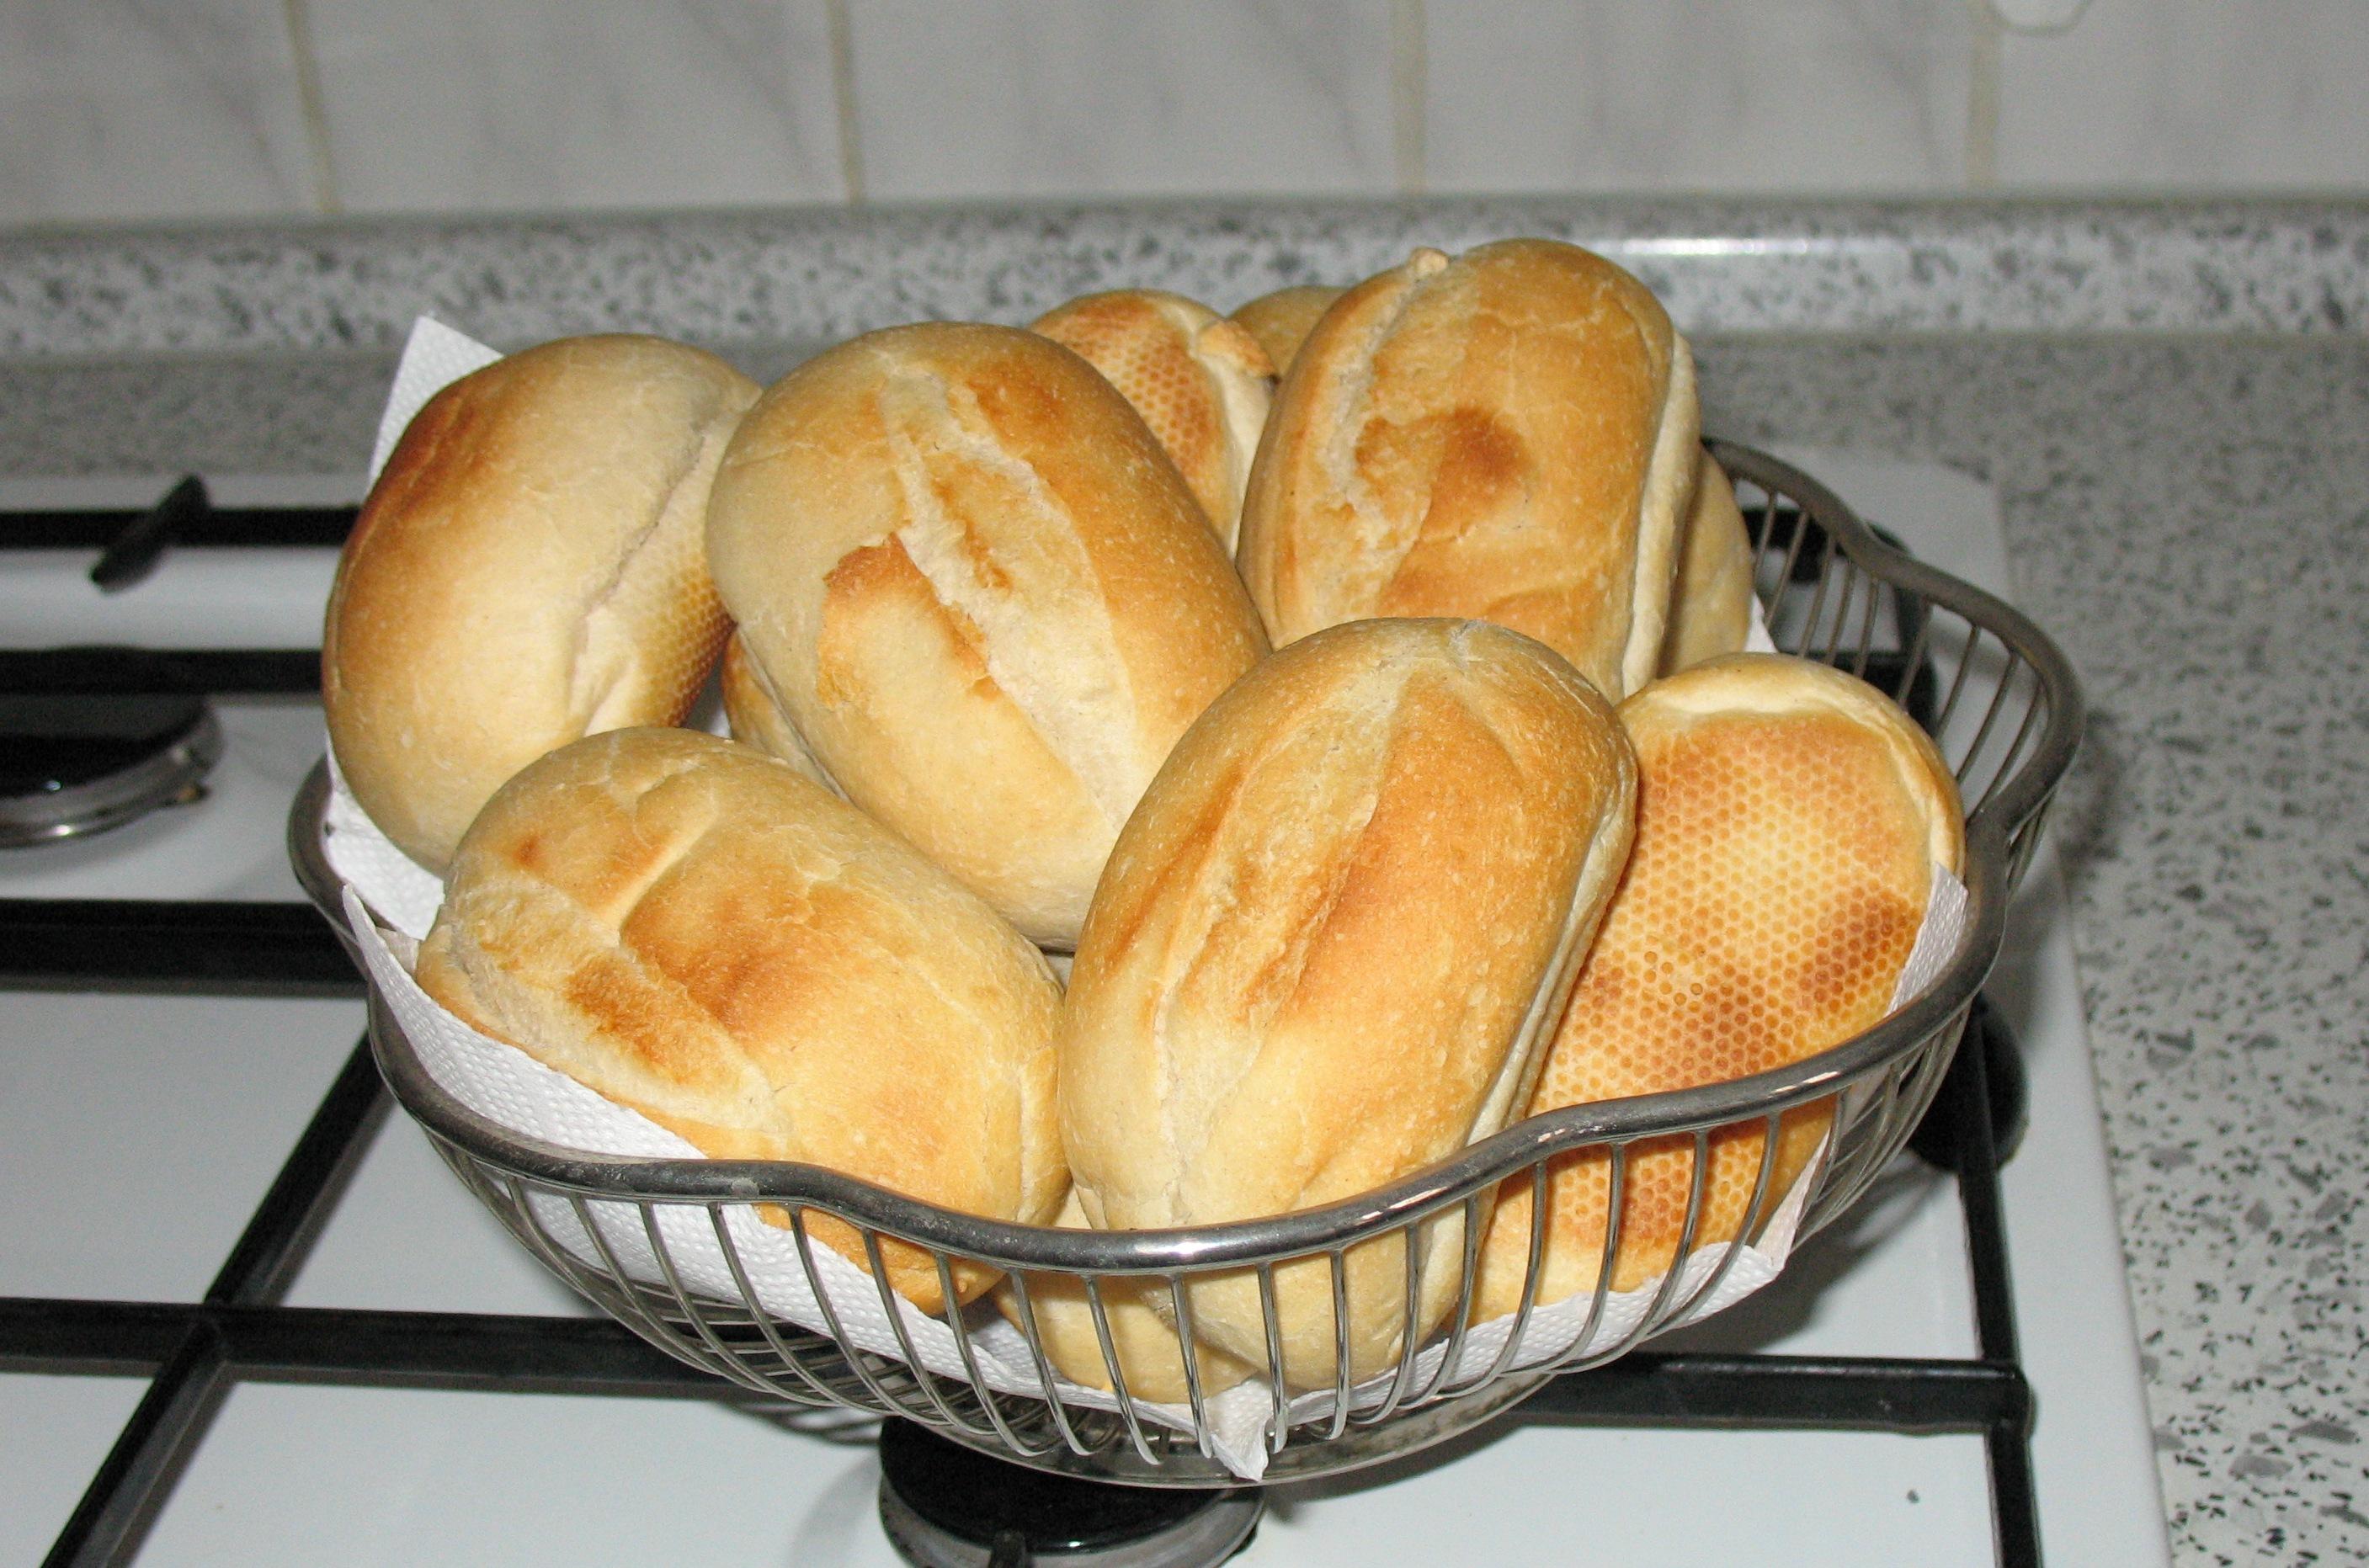 Bread roll - 1287.0KB